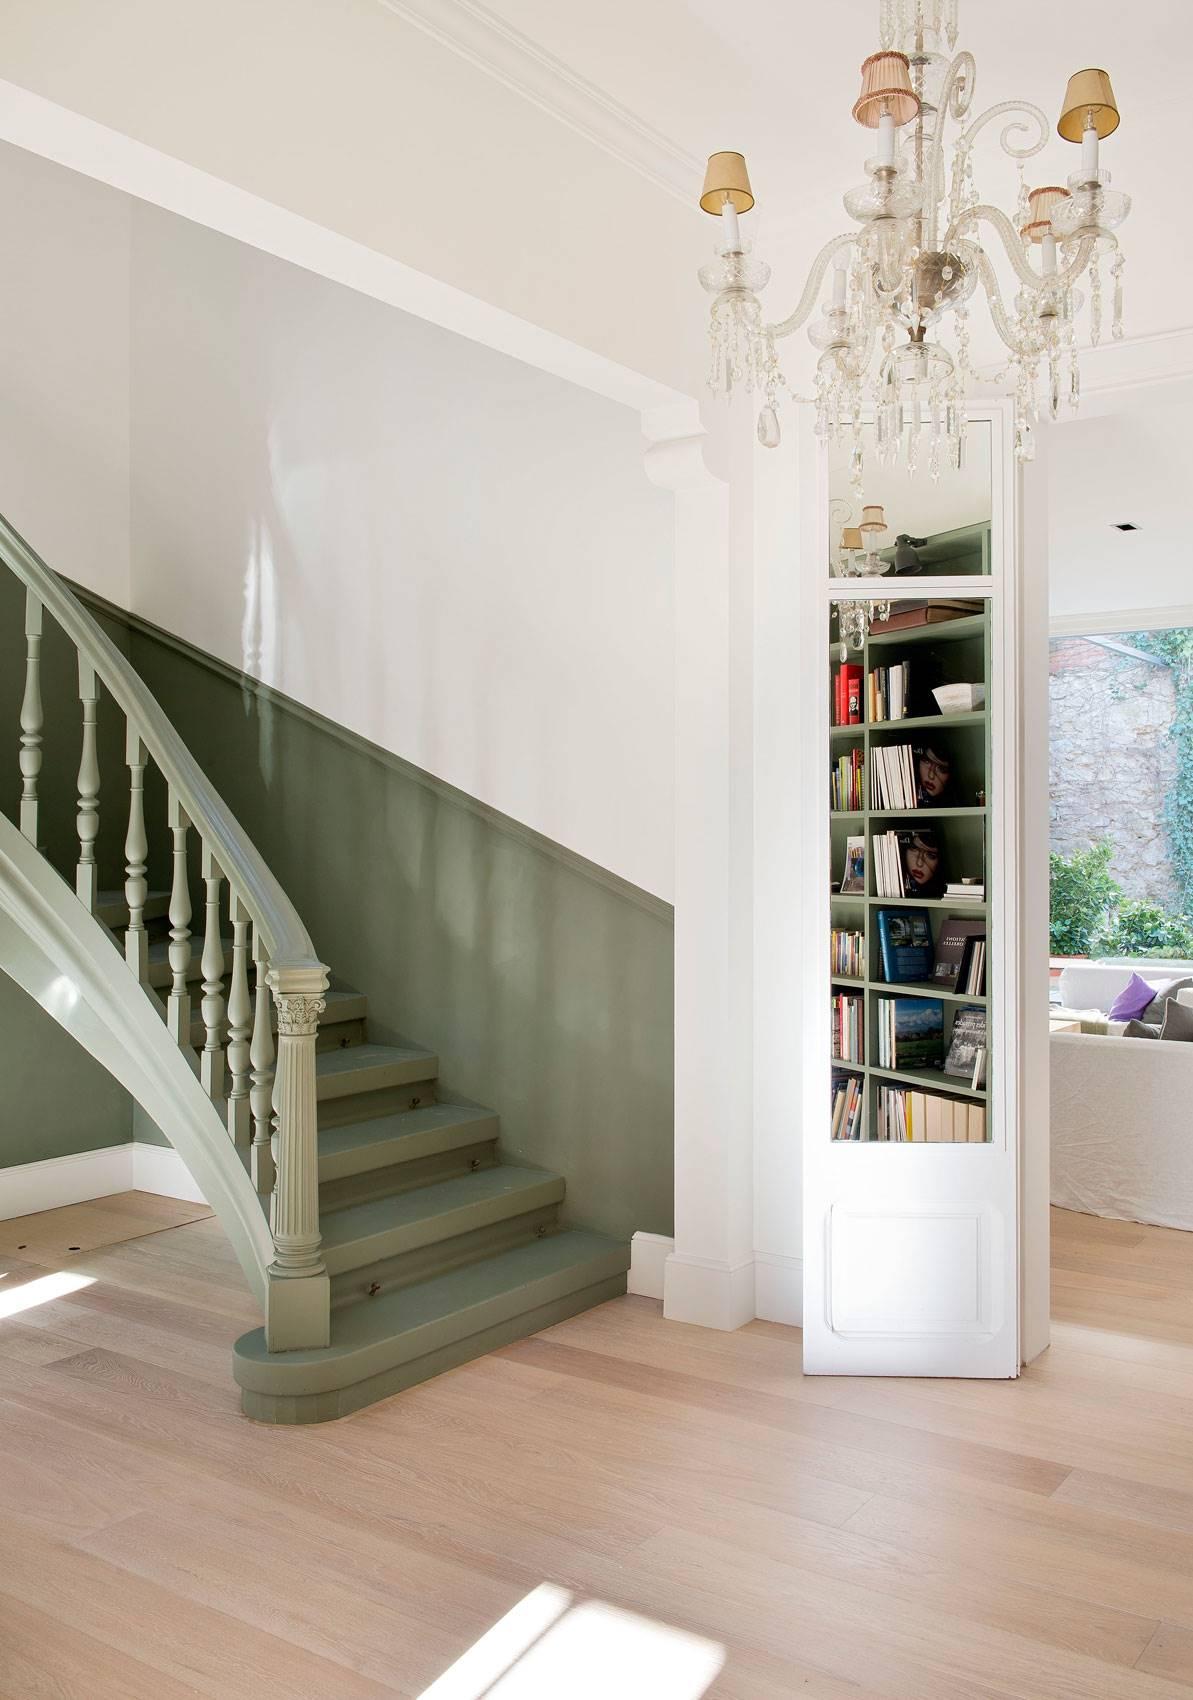 290 fotos de escaleras - Fotos en escaleras ...